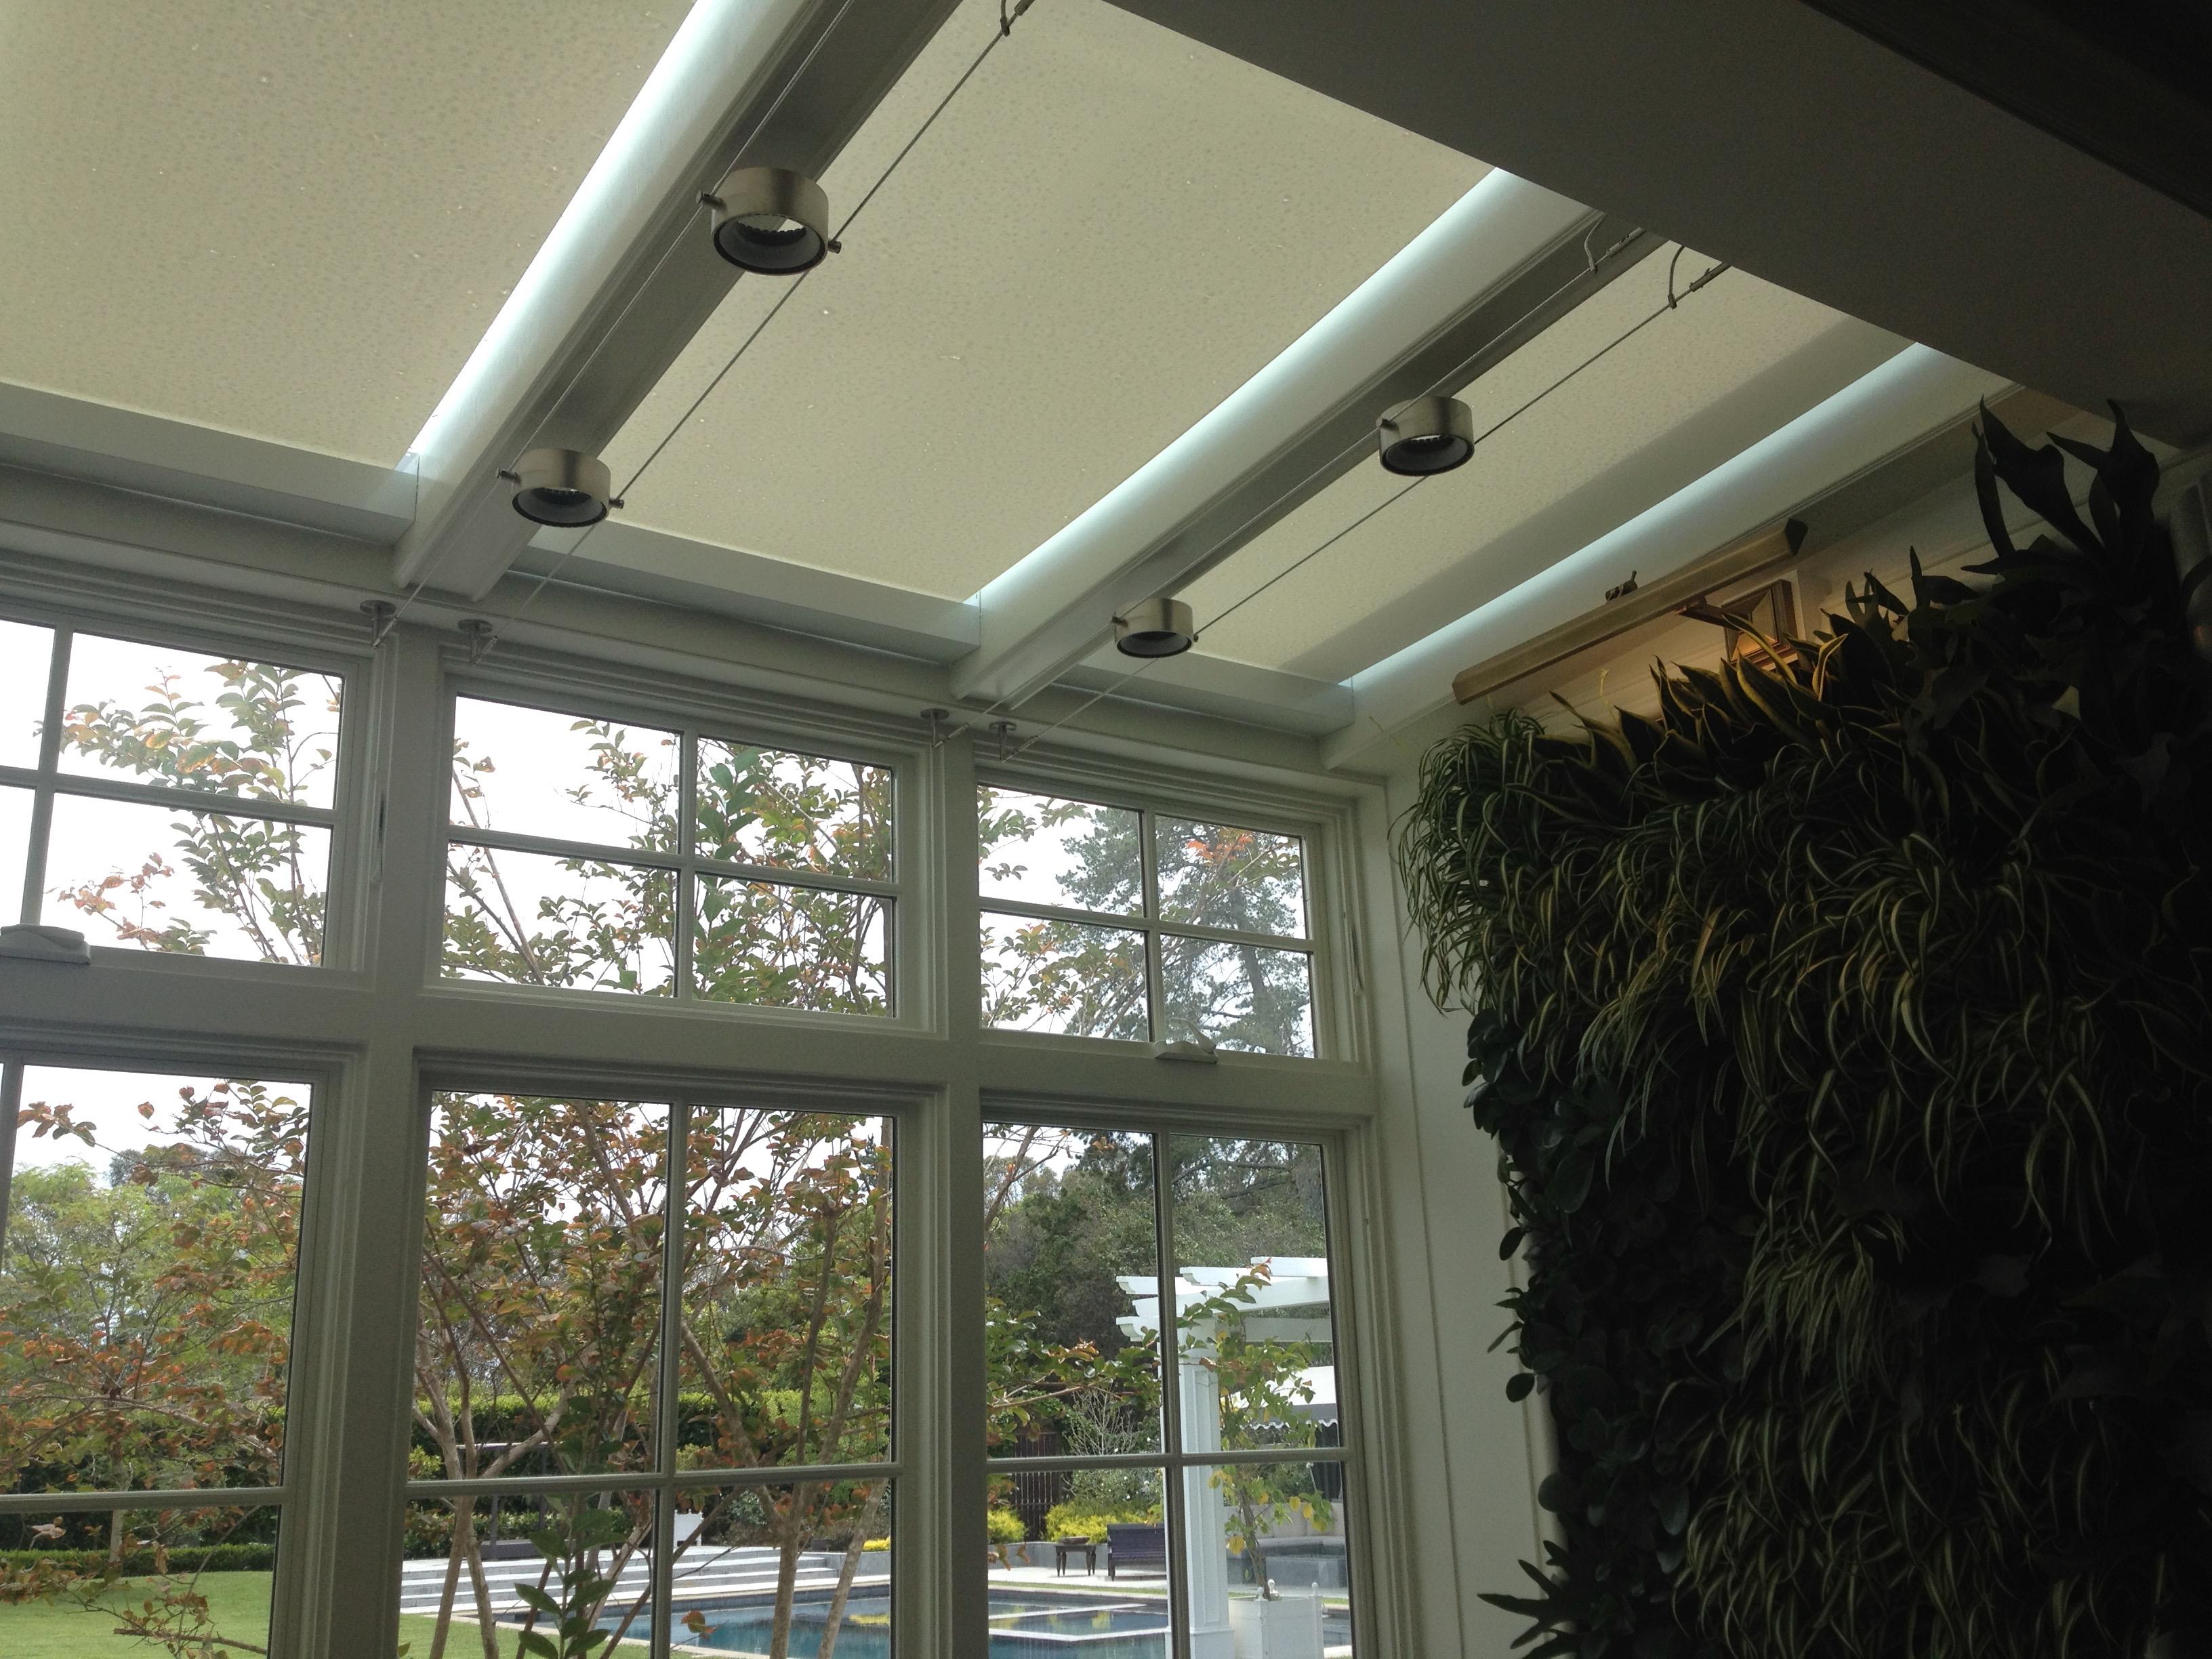 Skylight Shades for Sunroom